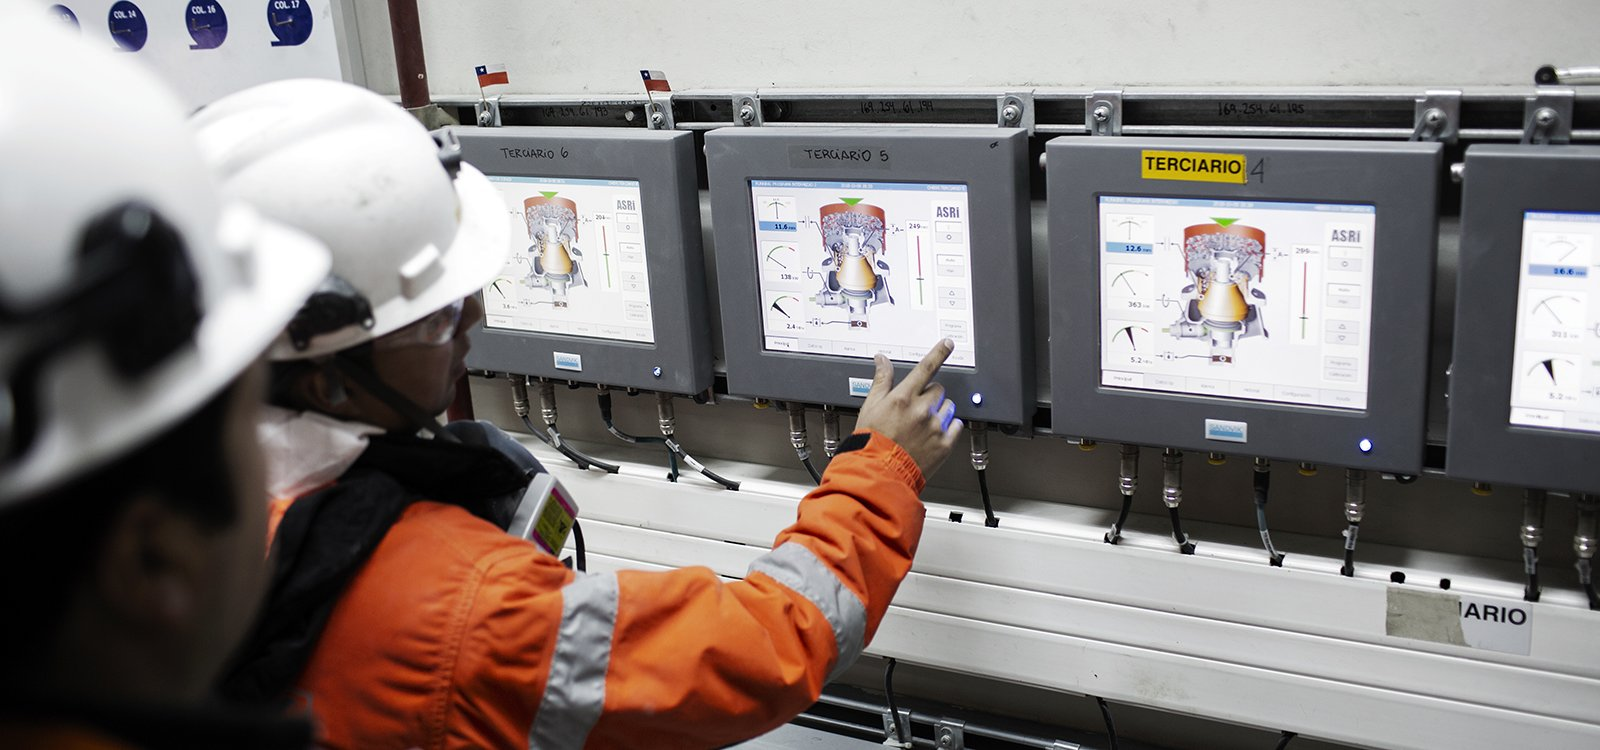 Un sistema de control ASRi de probada funcionalidad facilita el ajuste online durante la operación para asegurar un máximo rendimiento.